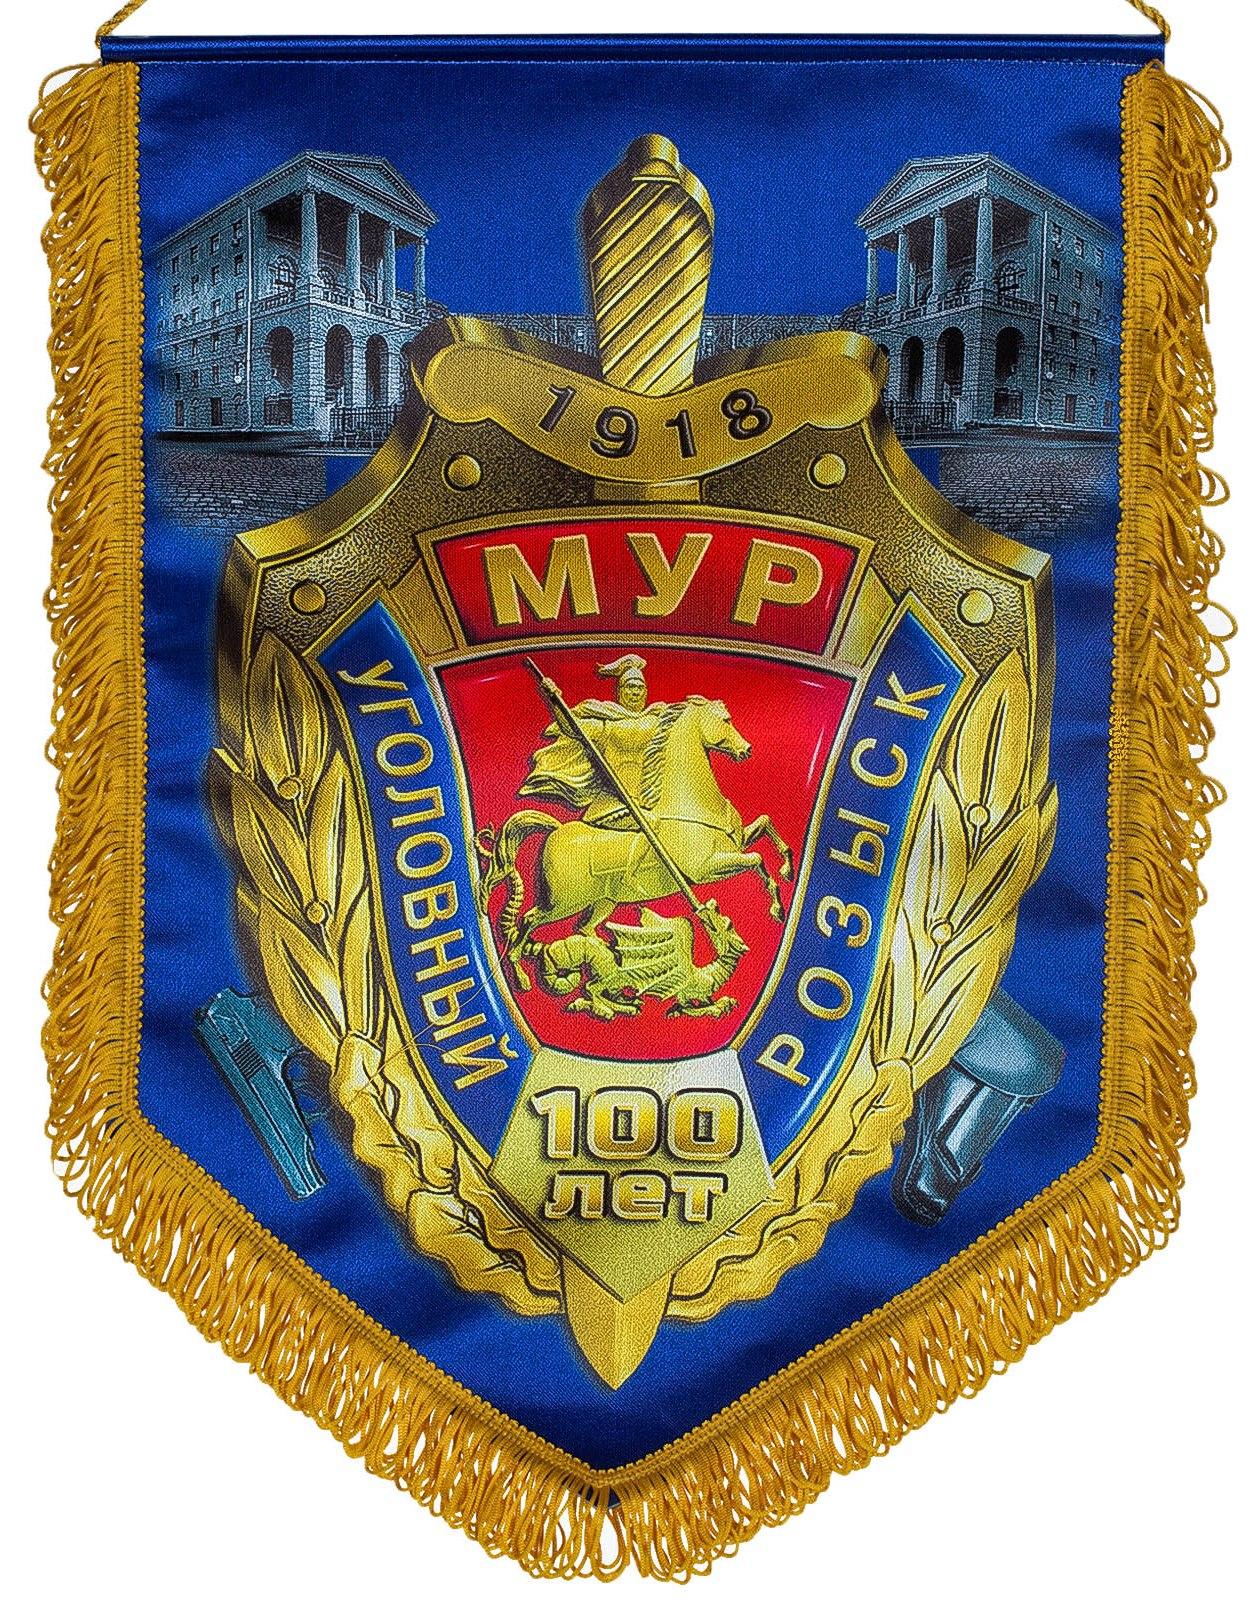 Подарочный вымпел к 100-летию Московского Уголовного розыска